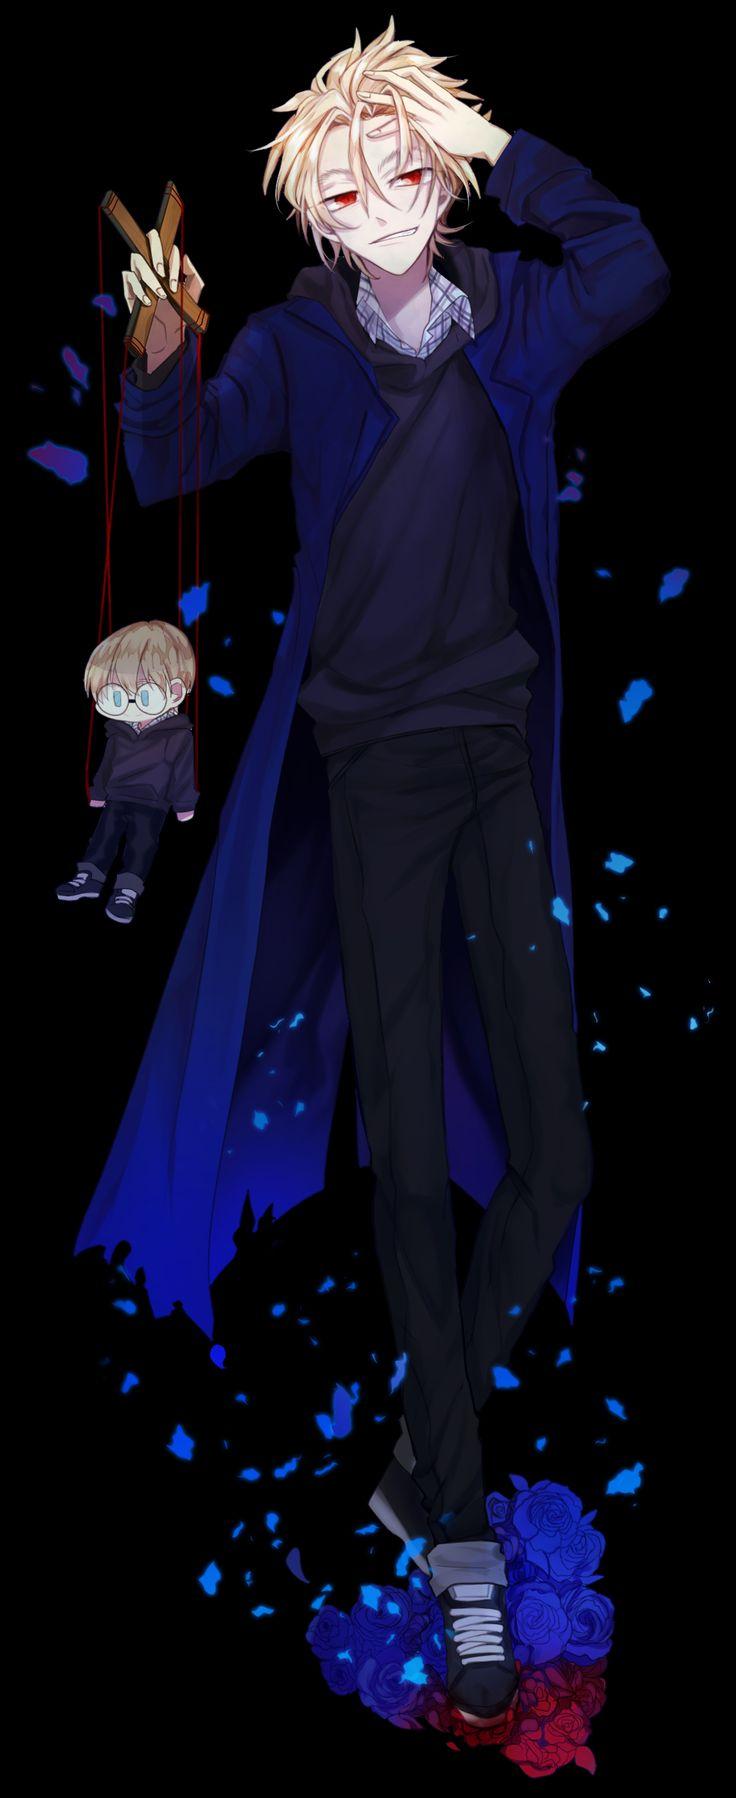 Black (William Macbeth), & Zetsubouou (Black) (William Macbeth)